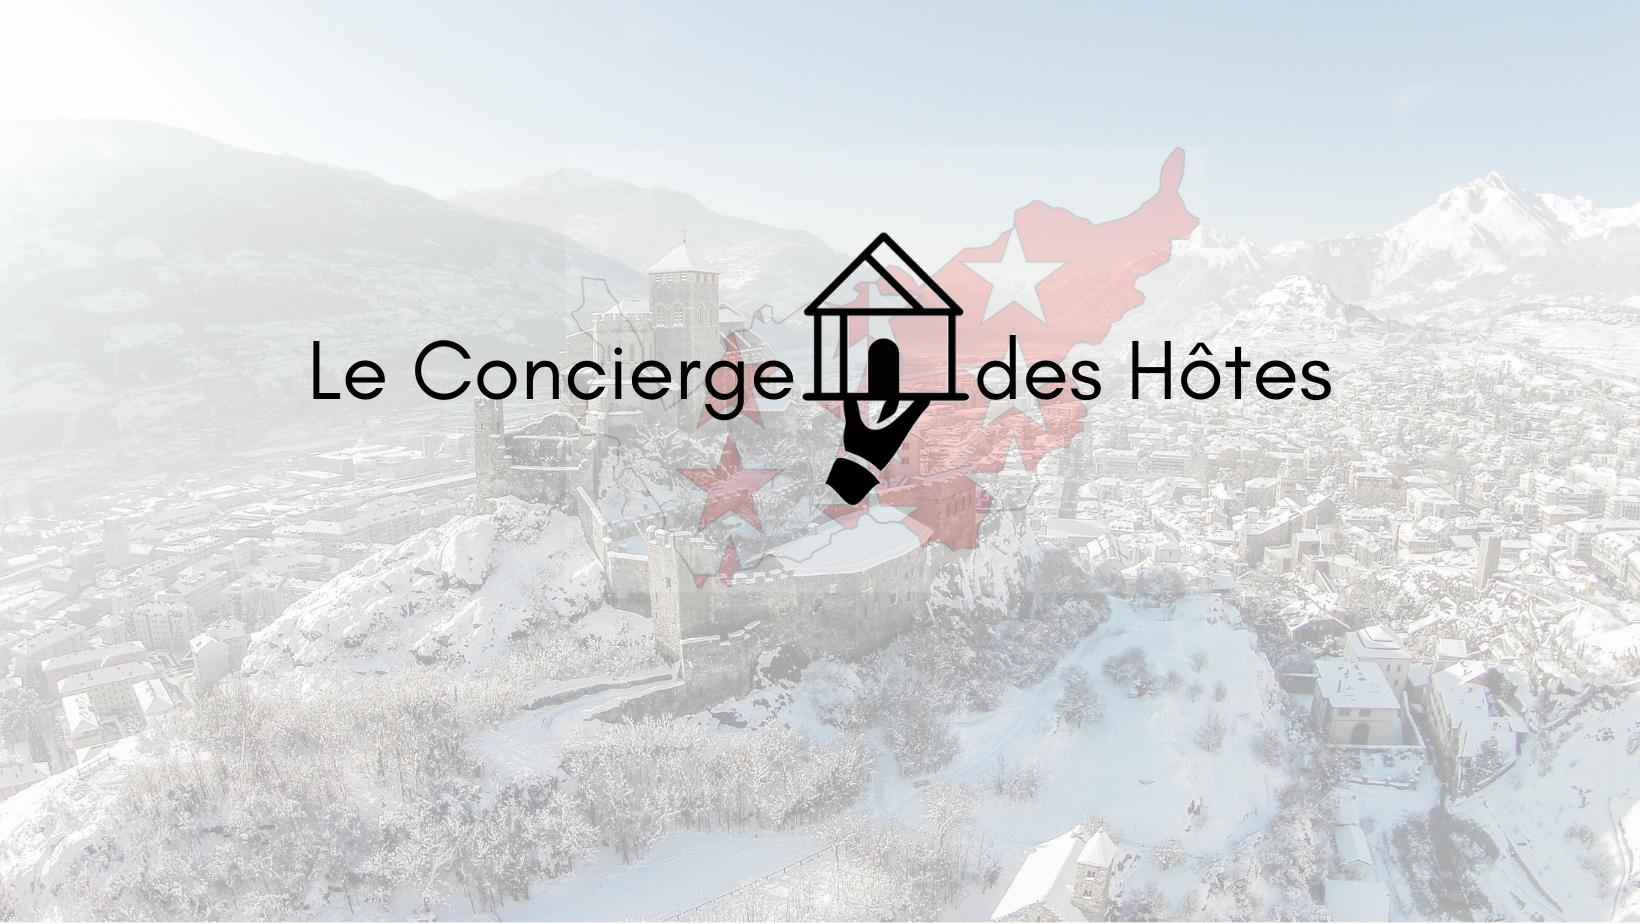 Ma société : Le Concierge des Hôtes - leconciergedeshotes.ch